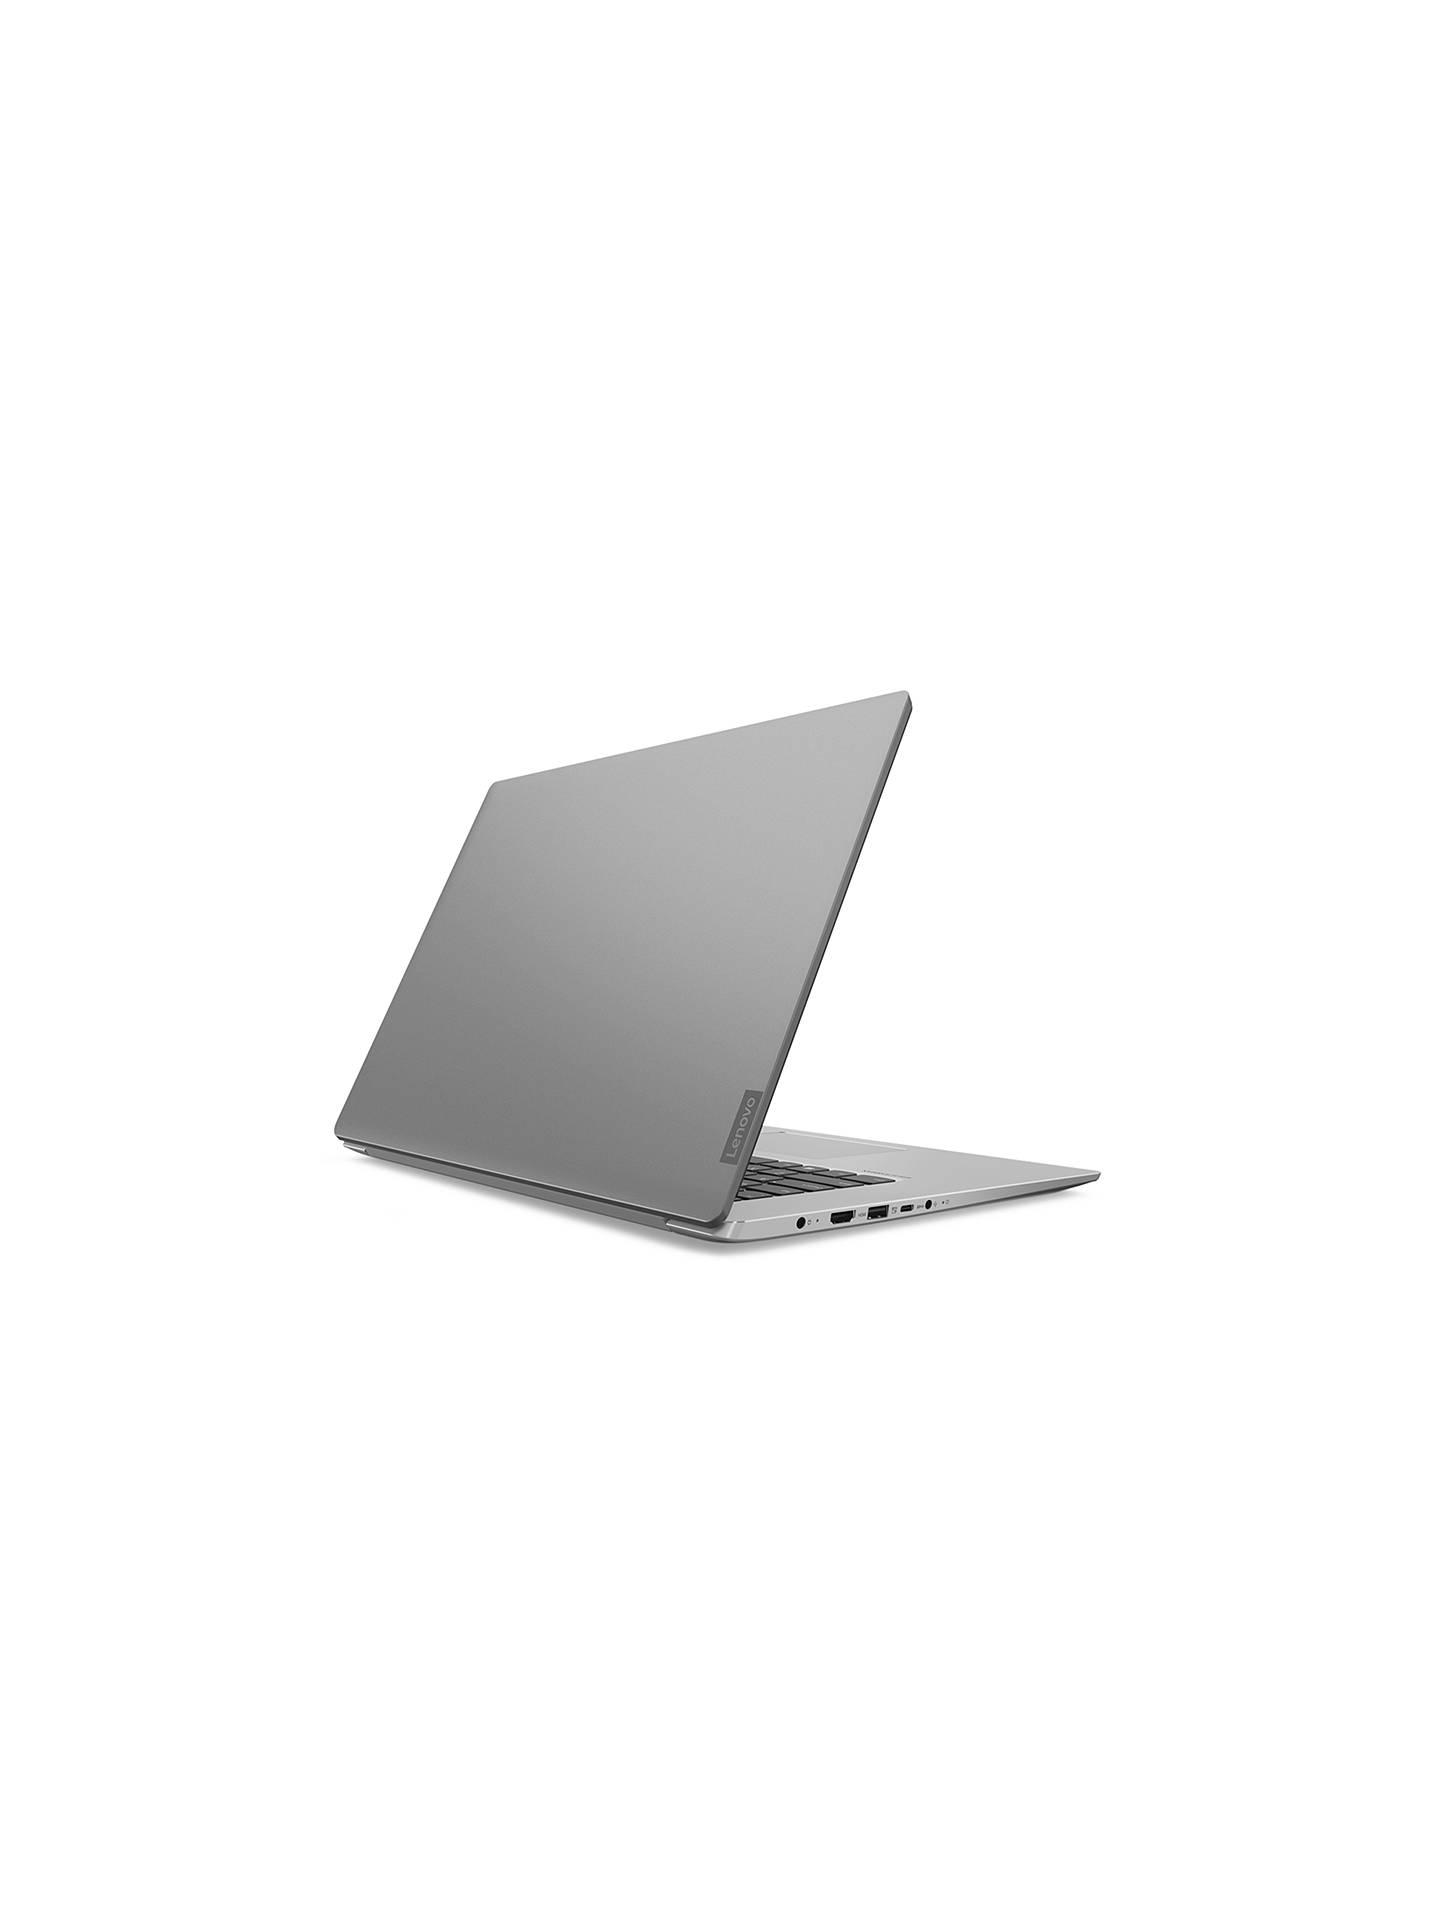 """Lenovo IdeaPad 530S 81EV005CUK Laptop, Intel Core i5, 8GB RAM, 256GB SSD,  15 6"""" Full HD, Mineral Grey"""